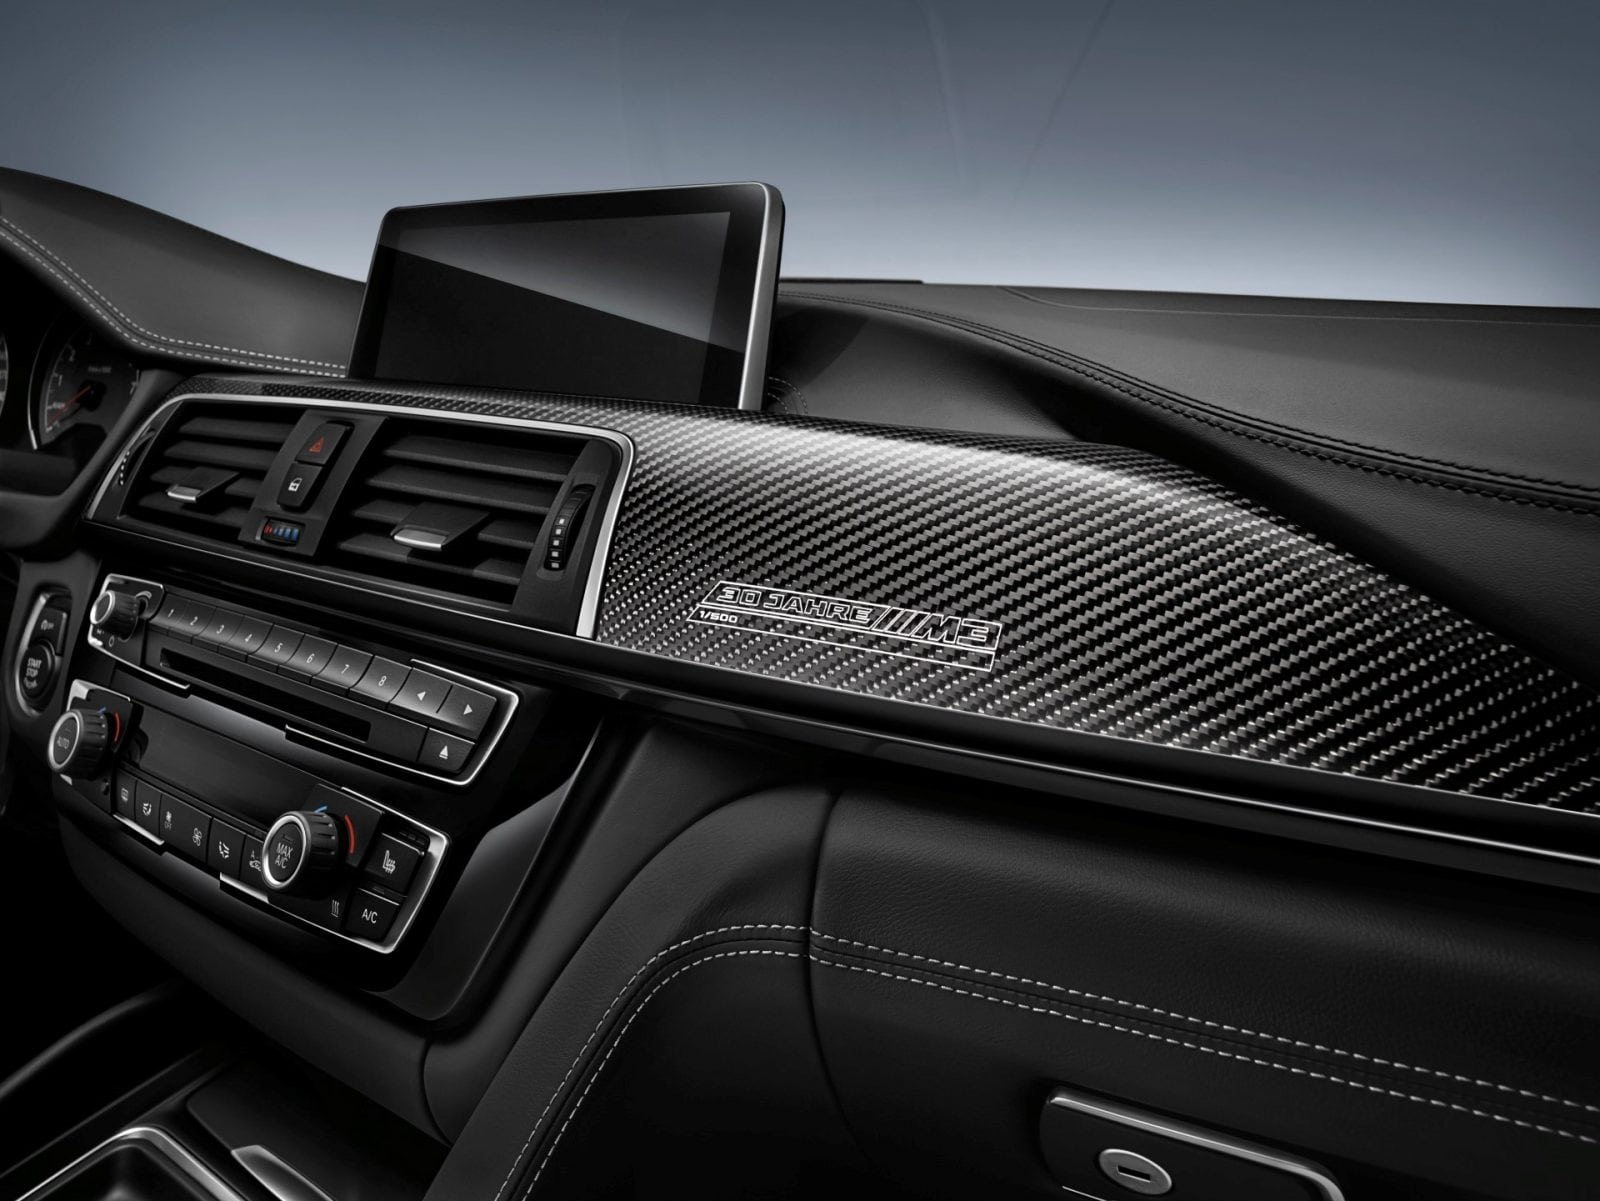 """Специальное издание BMW M3 """"30 Years M3"""" к юбилею модели. Планируется выпуск не более 500 машин специальной версии. Все они мощнее обычных М3 на 19 л.с"""